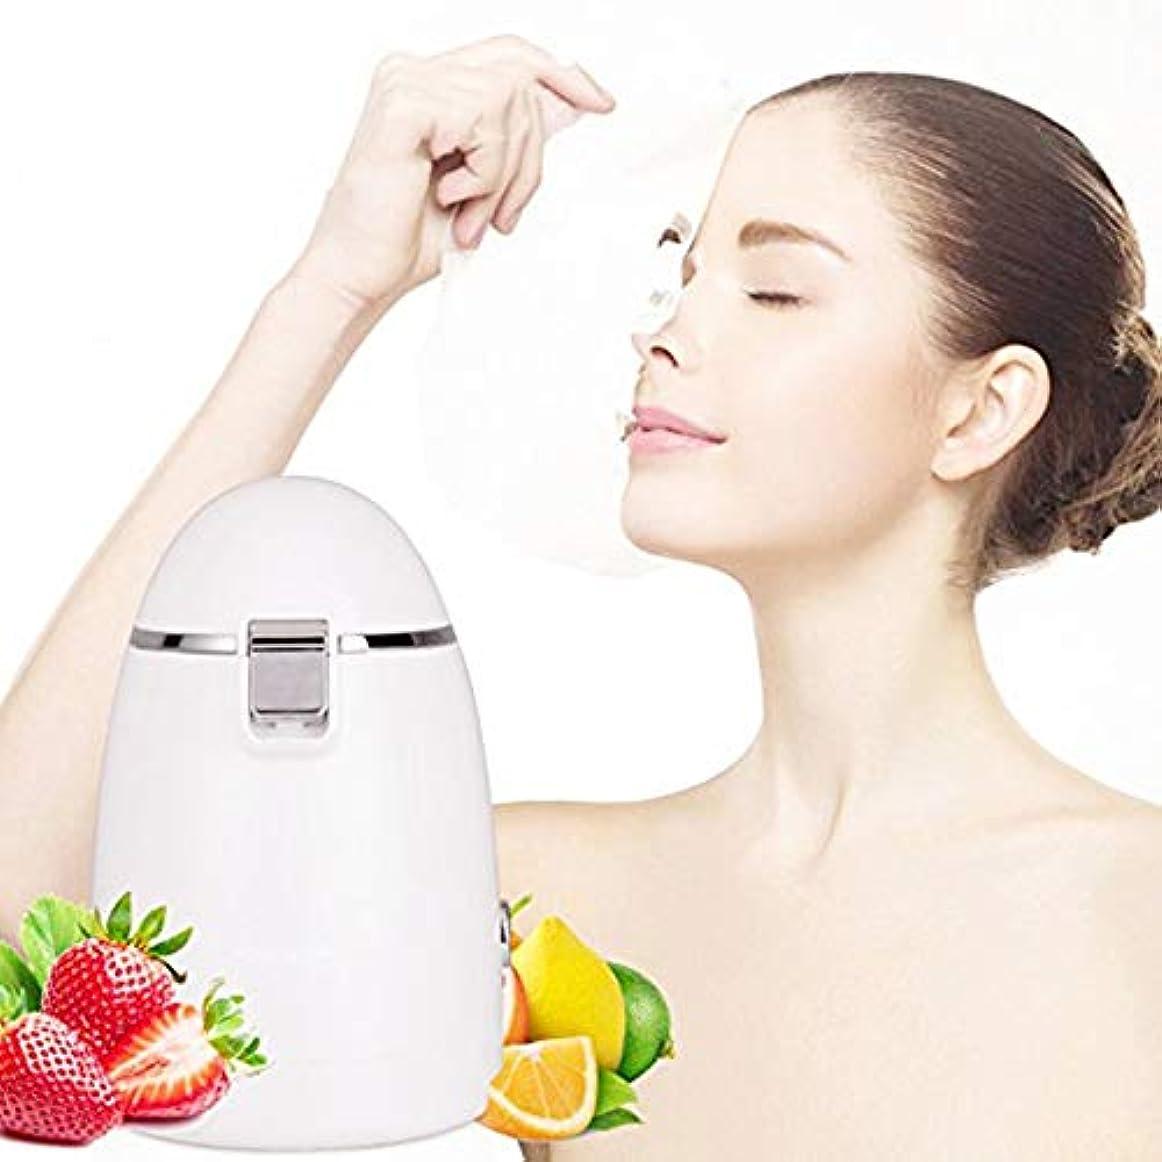 名目上の懐疑論規模マスクマシン、自家製家庭用マスクマシン自動多機能攪拌加熱果物と野菜 DIY マスクフルーツマスク